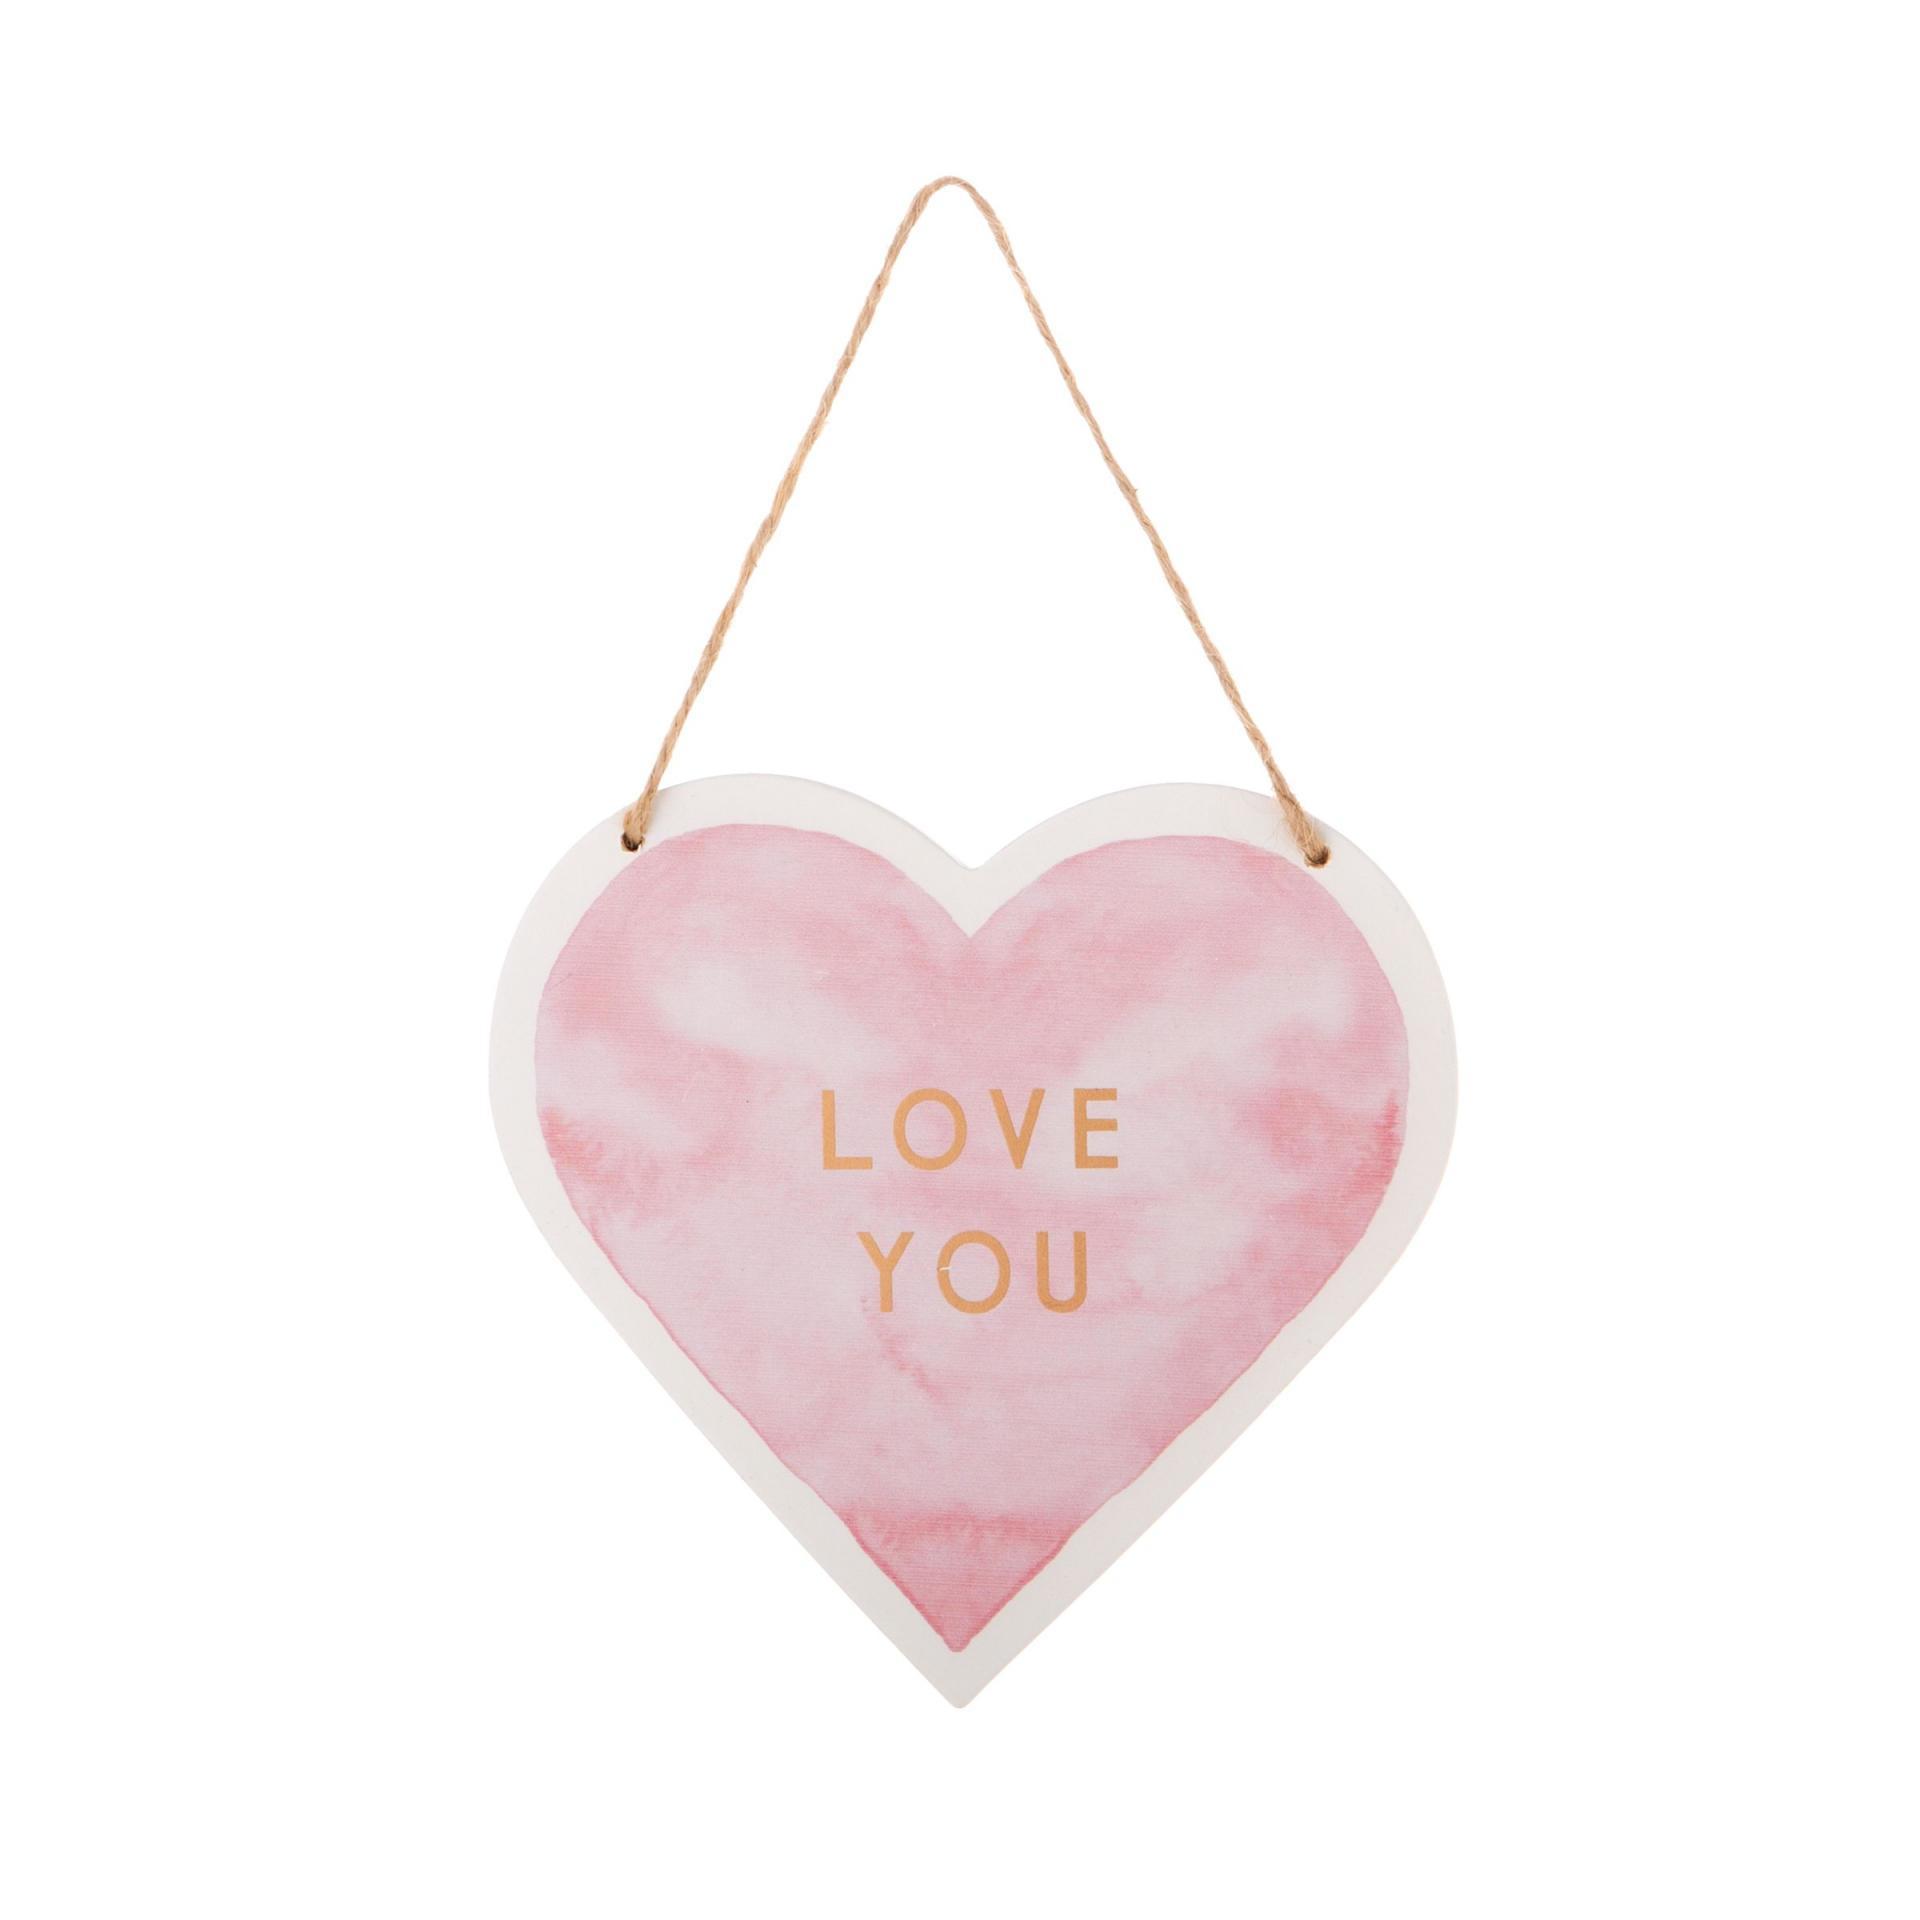 sass & belle Závěsná dekorace Love You, růžová barva, bílá barva, dřevotříska